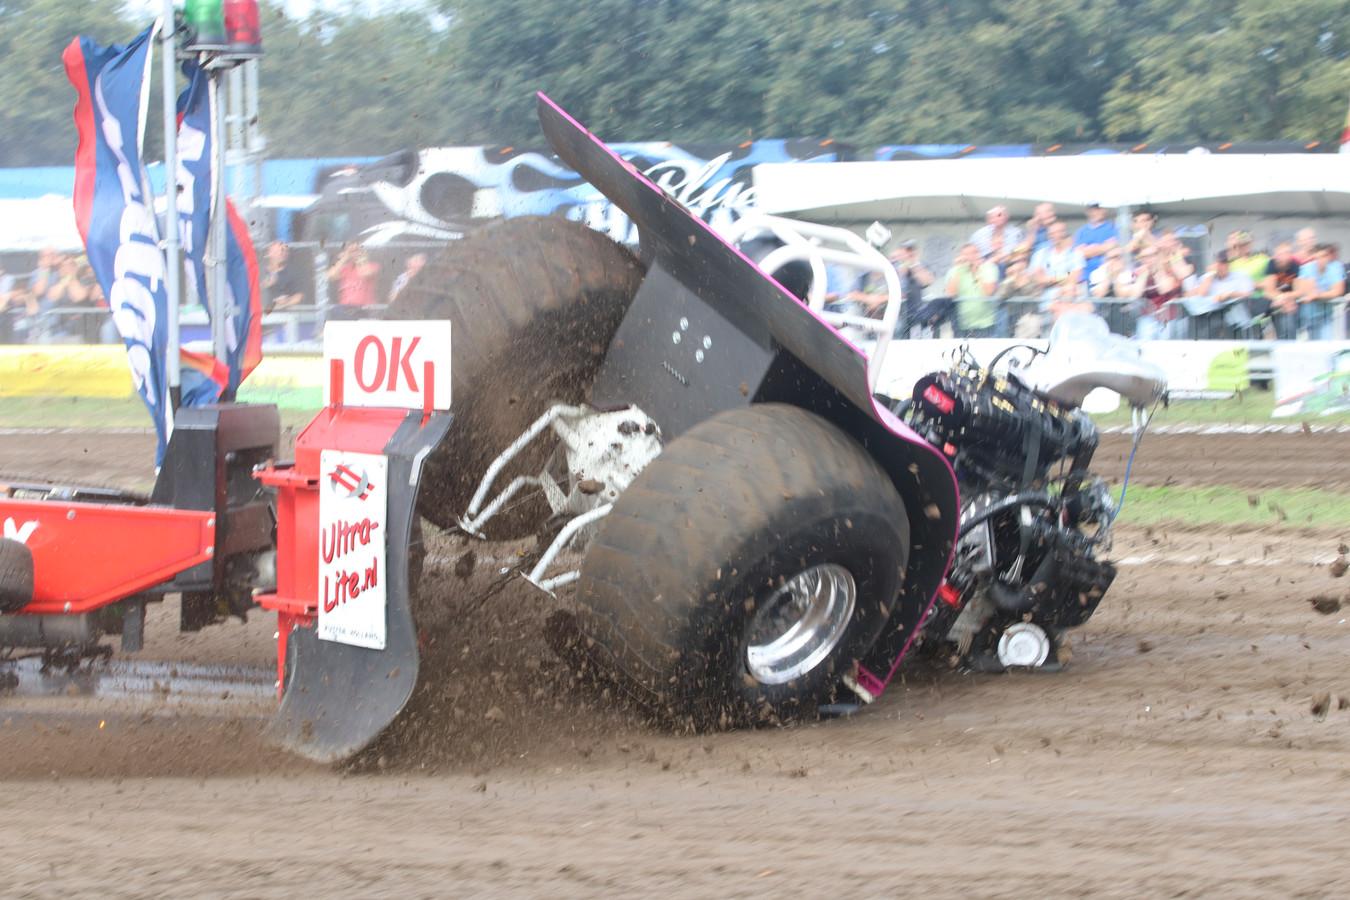 De tractor slingerde, boorde een wiel in de grond en viel bovenop de Dronter testpuller. Hij brak een ruggenwervel.